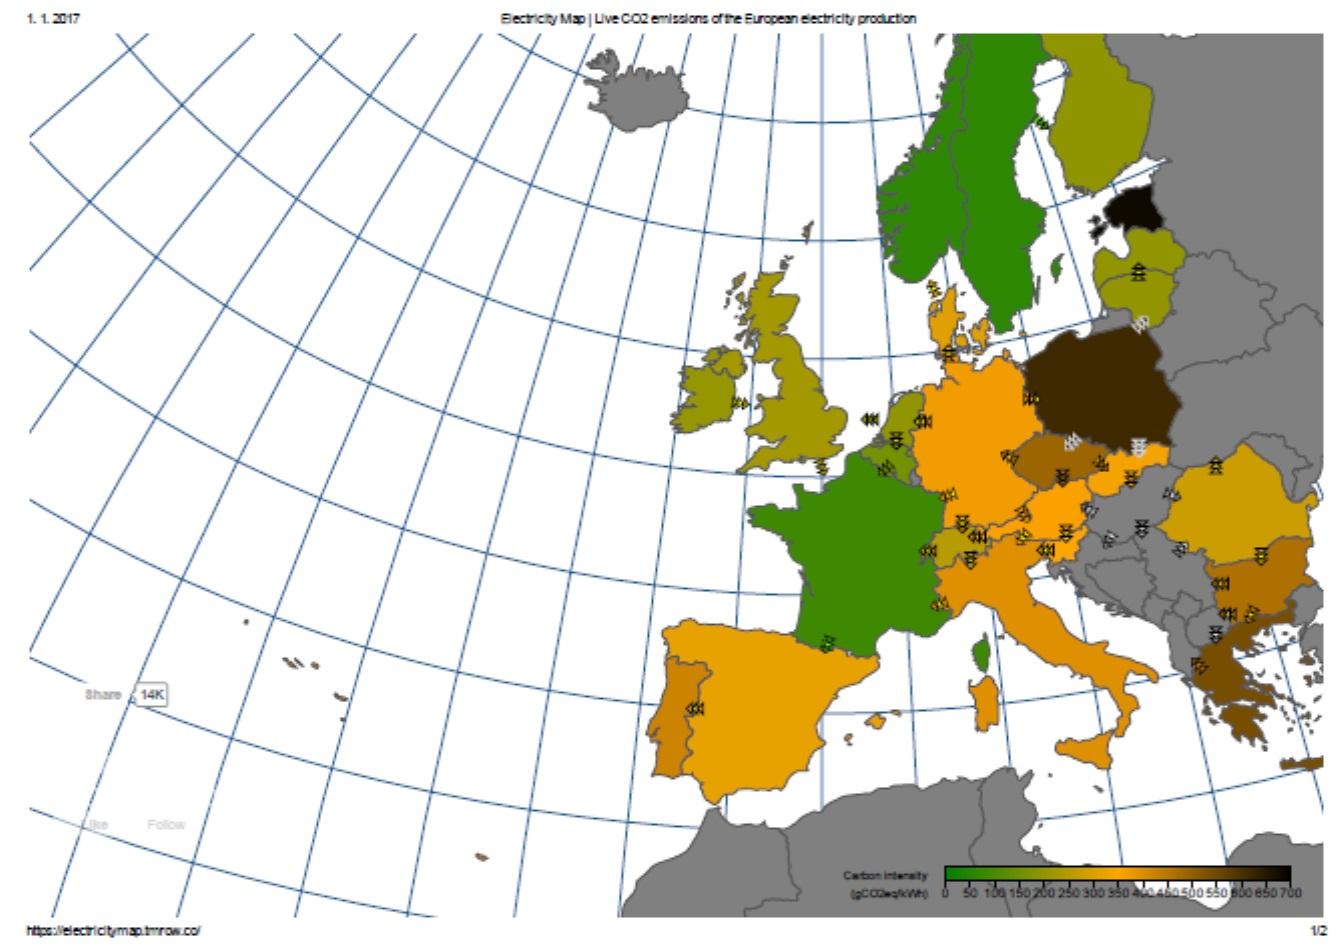 Emisi oxidu uhličitého lze průběžně sledovat na stránkách na stránkách https://electricitymap.tmrow.co/ . Takto vypadá situace v době, kdy je situace pro Německo ideální, ráno po Silvestru je minimální spotřeba a docela dost fouká.